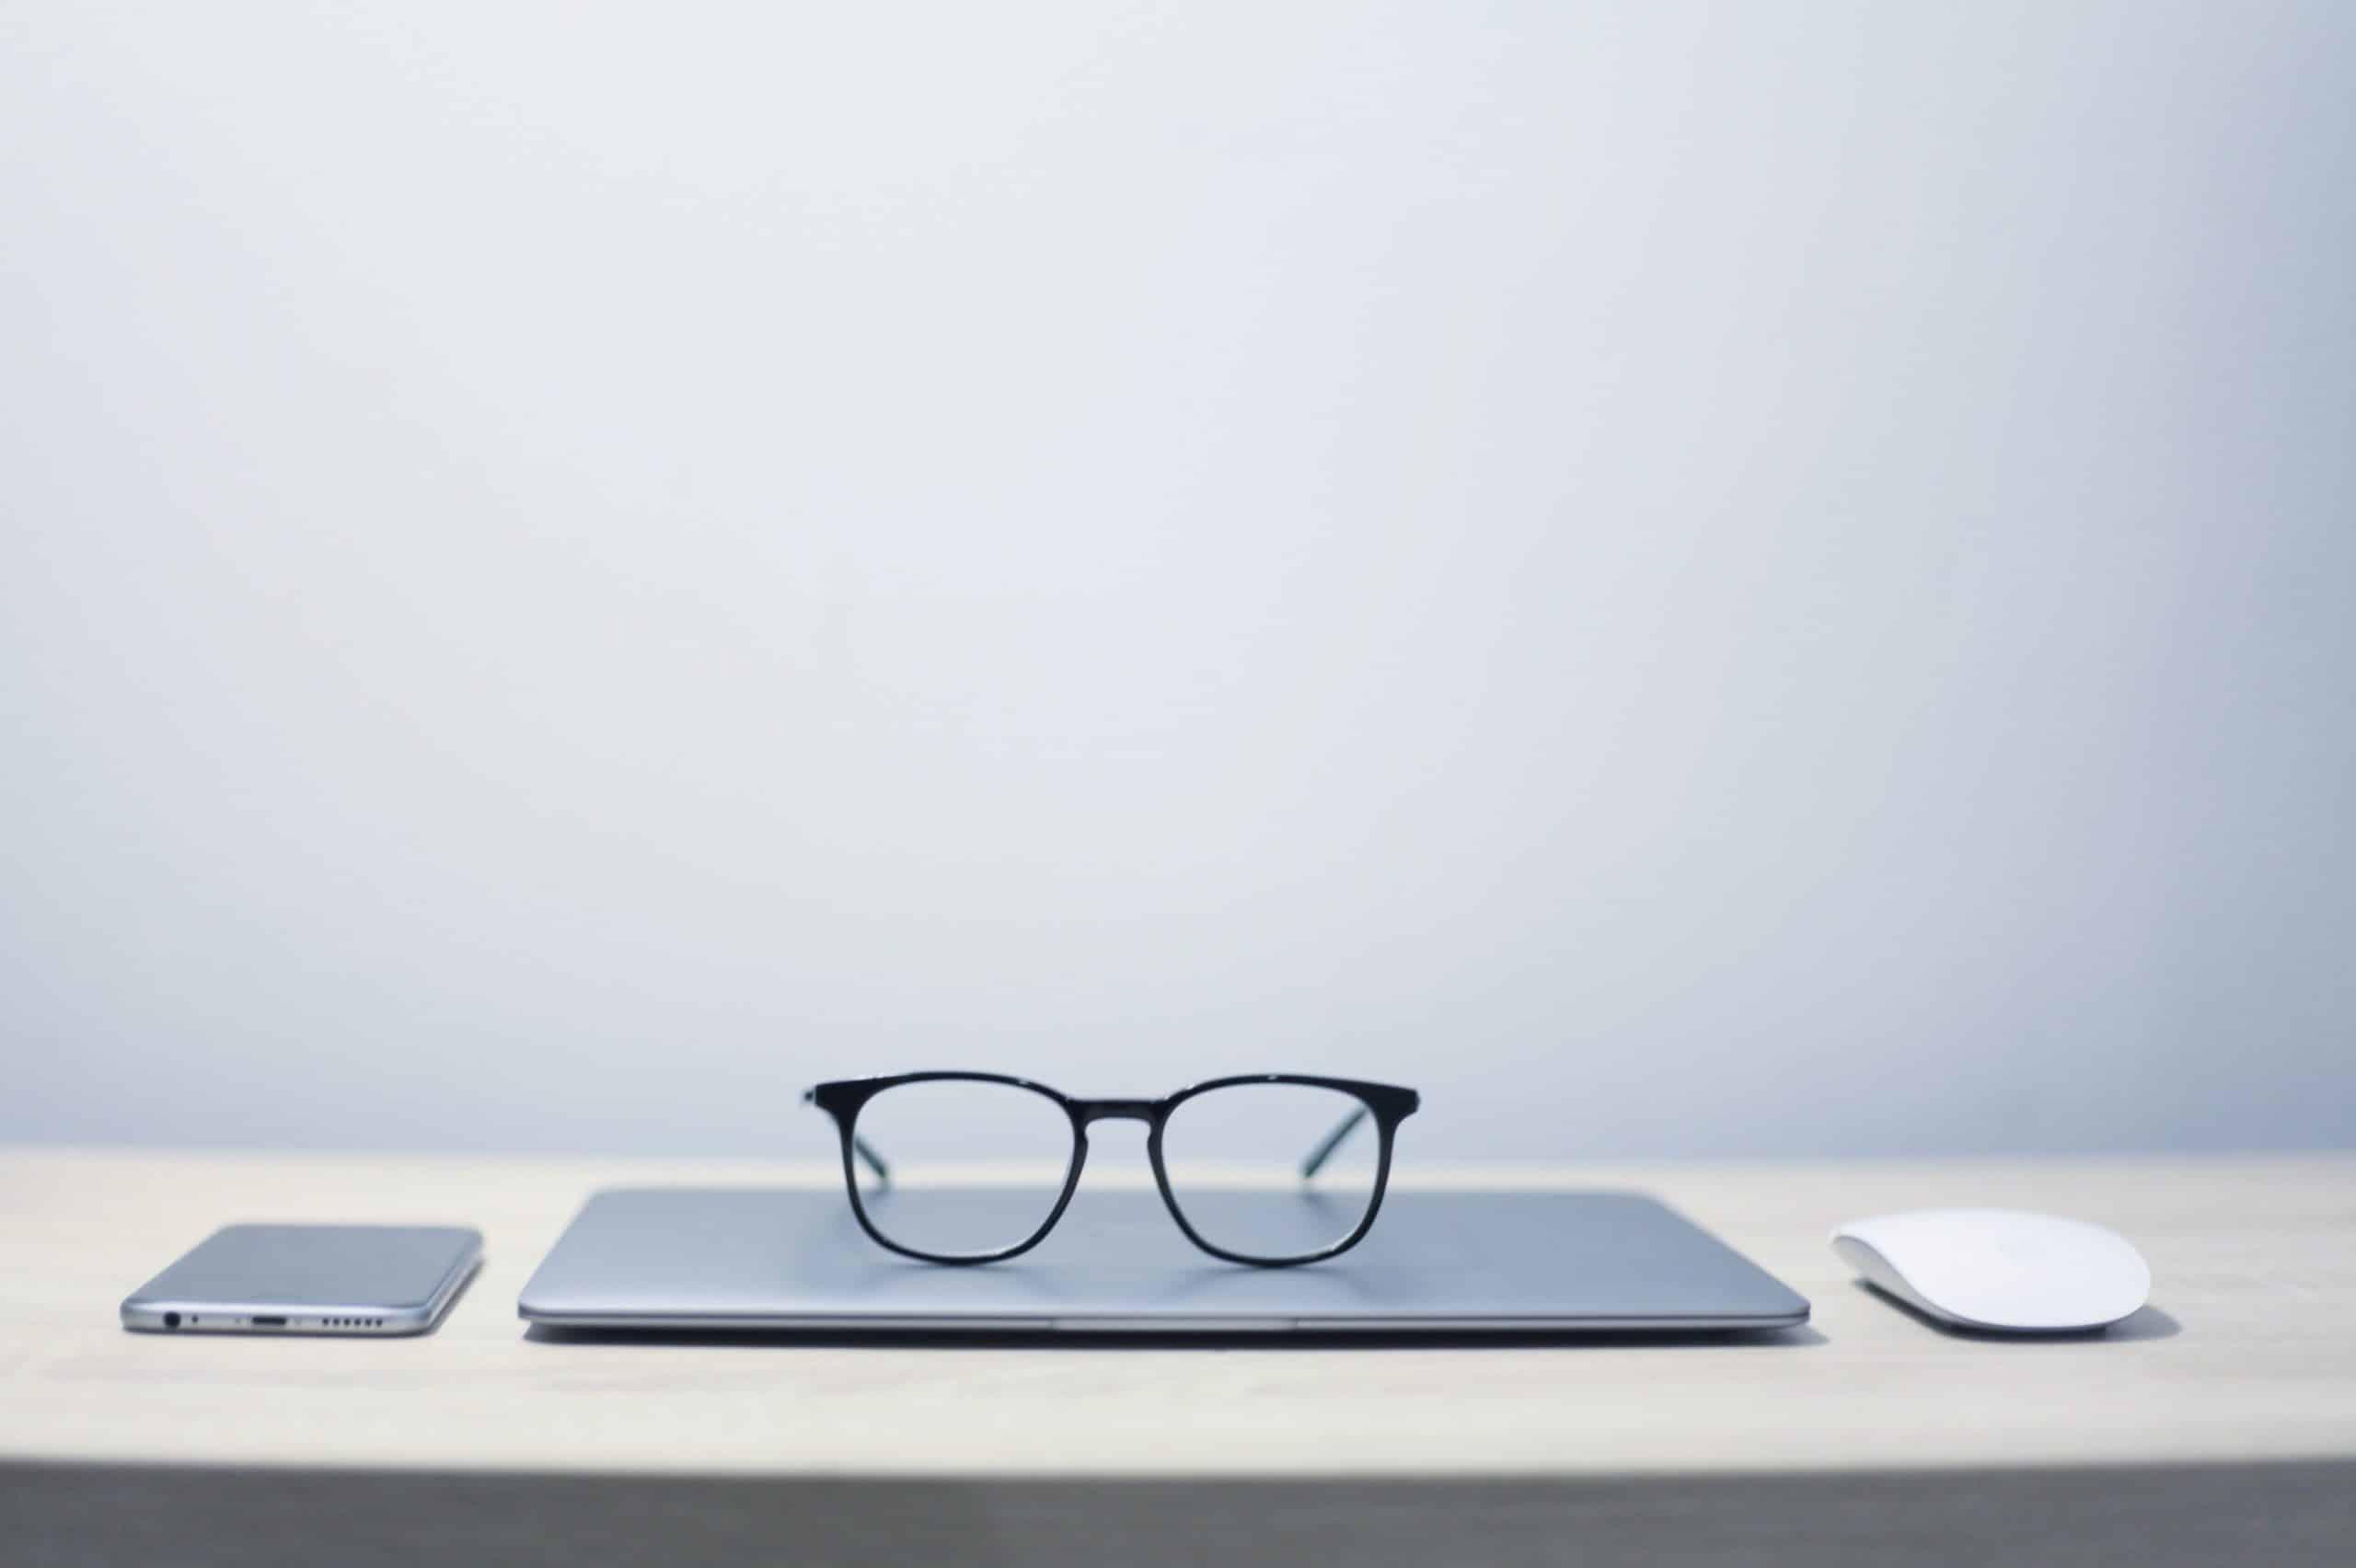 Publikation Thesen zur Digitalisierung